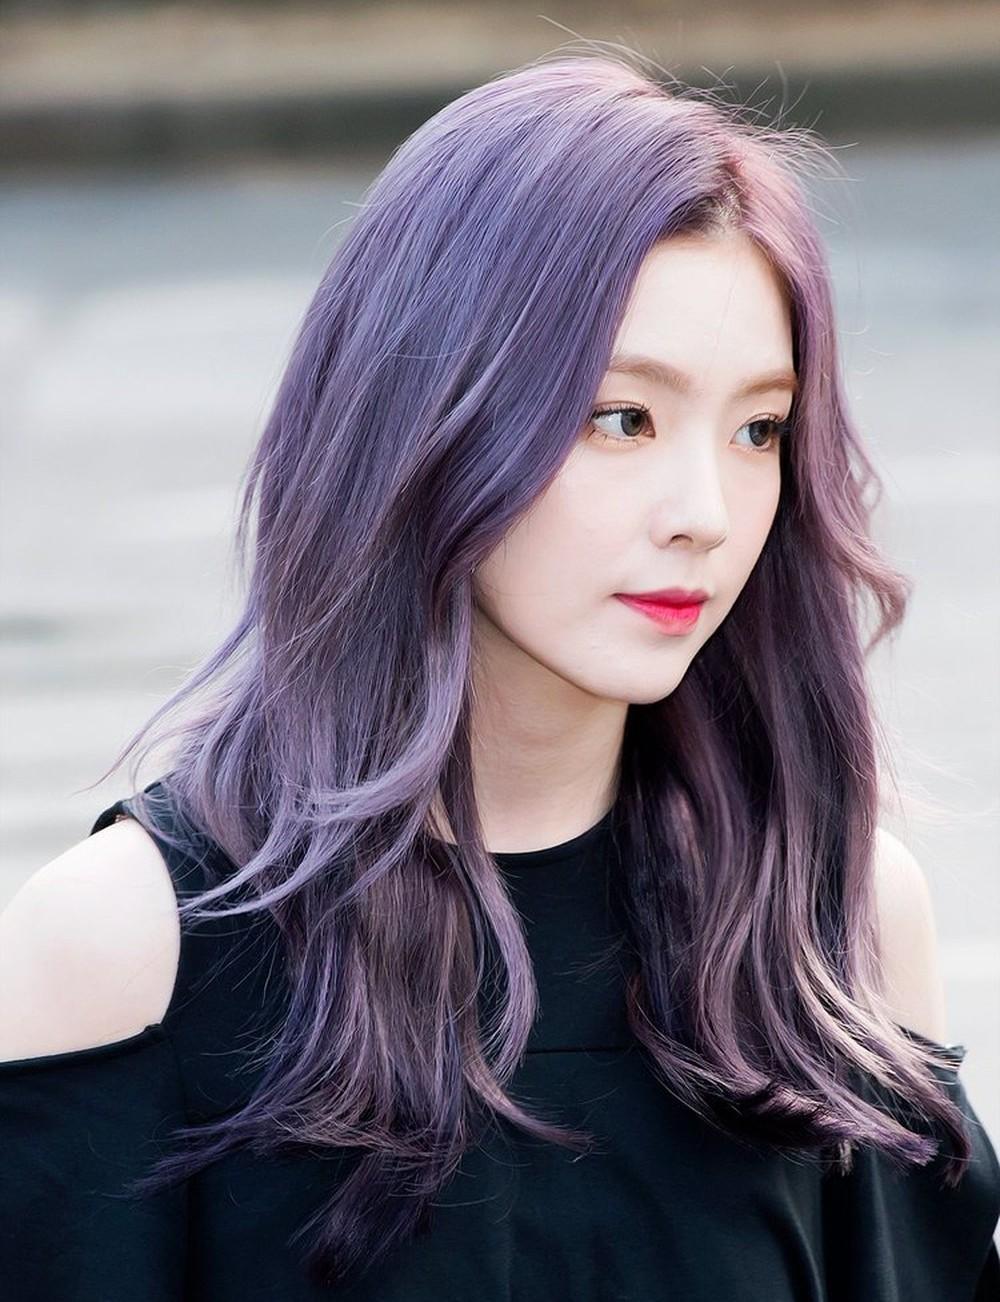 Những xu hướng màu tóc 2020 dành cho mọi cô nàng sành điệu - Ảnh 3